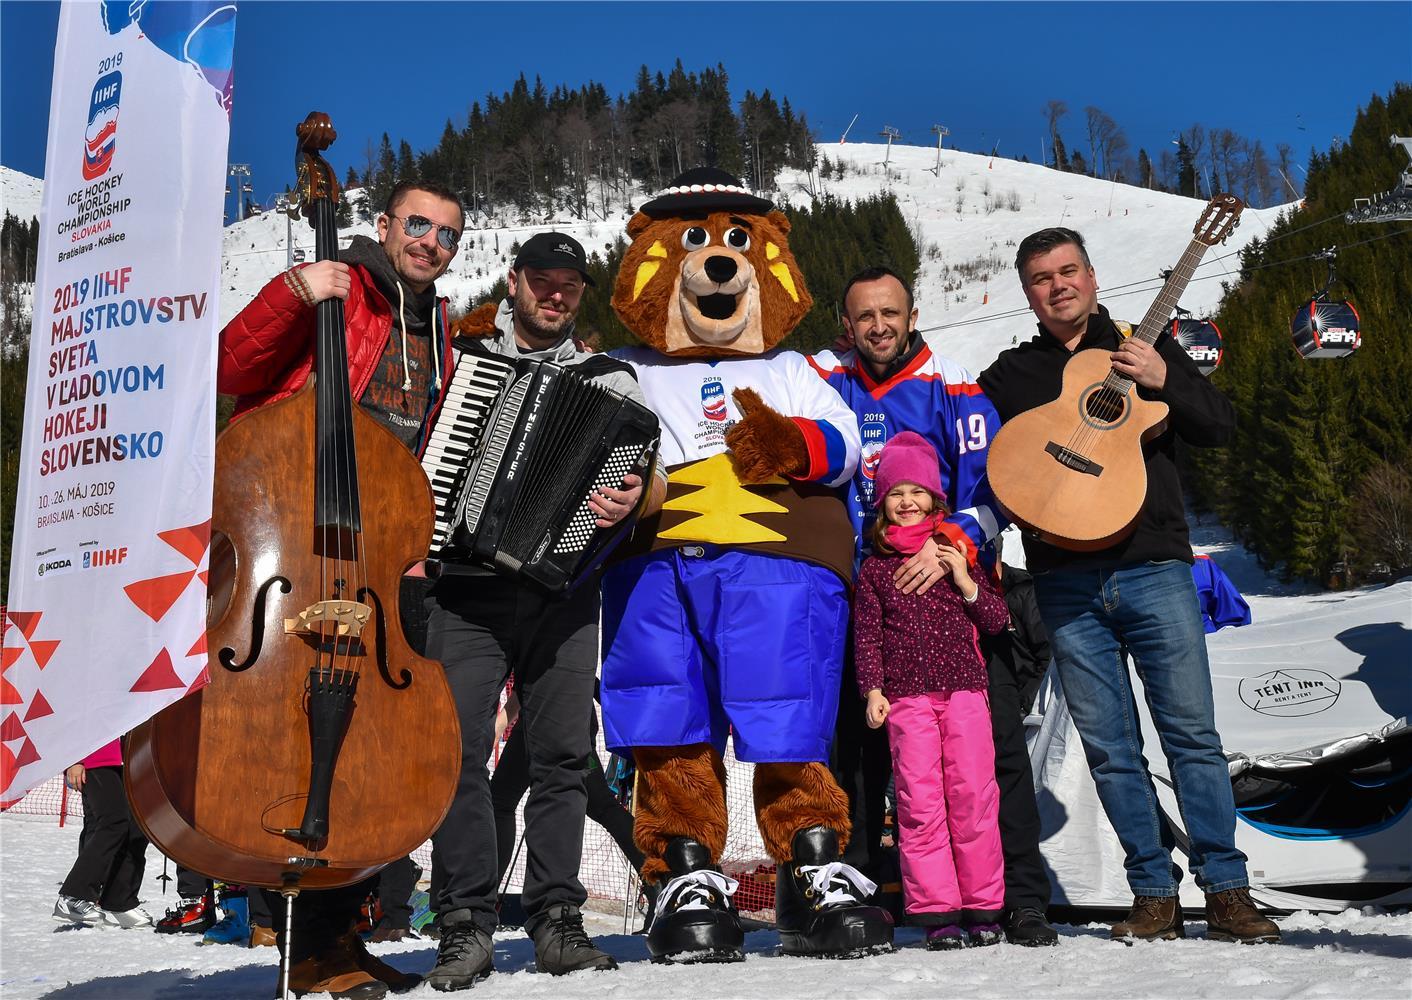 efed8159afe95 JASNÁ - Maskot 2019 IIHF majstrovstiev sveta v ľadovom hokeji na Slovensku,  medveď Macejko, už má svoju oficiálnu pieseň. Jej názov je výstižný -  Hokejová.